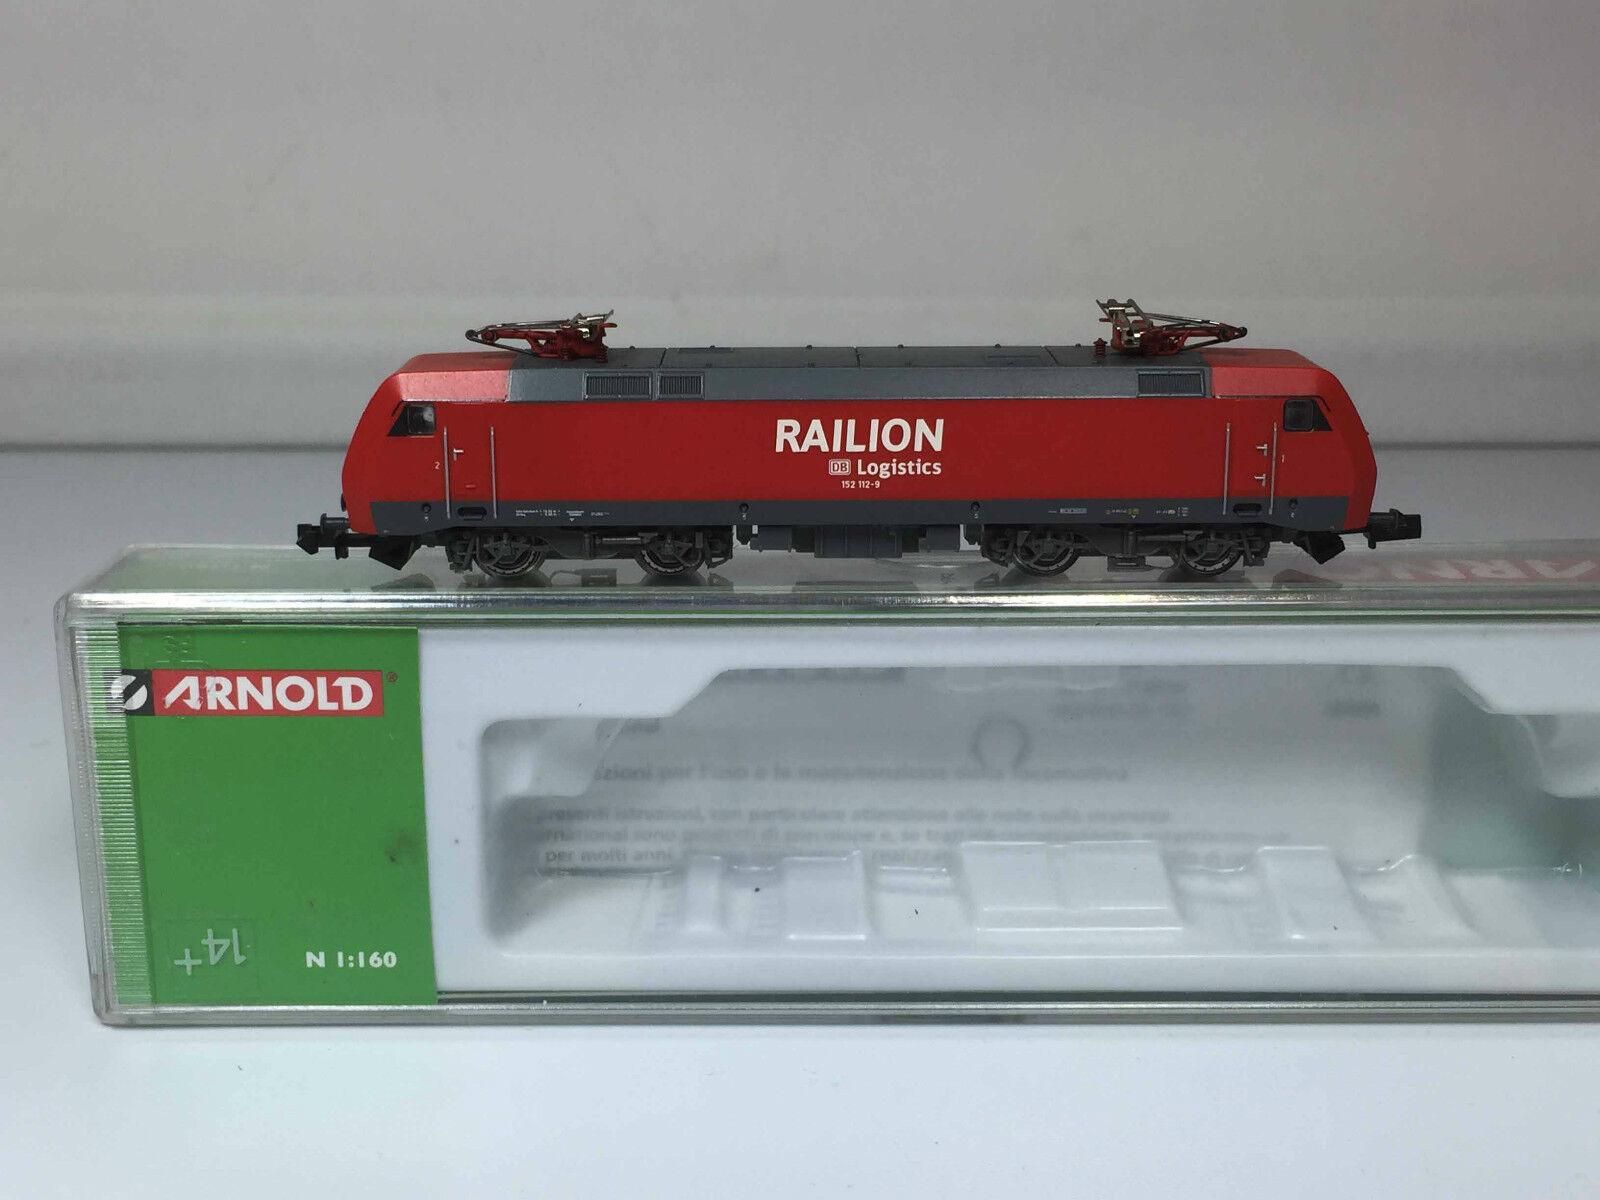 Arnold HN 2020 Elektrolok BR 152 112 -9 der Railion DB Logistic - Sehr Gut - OVP    Good Design